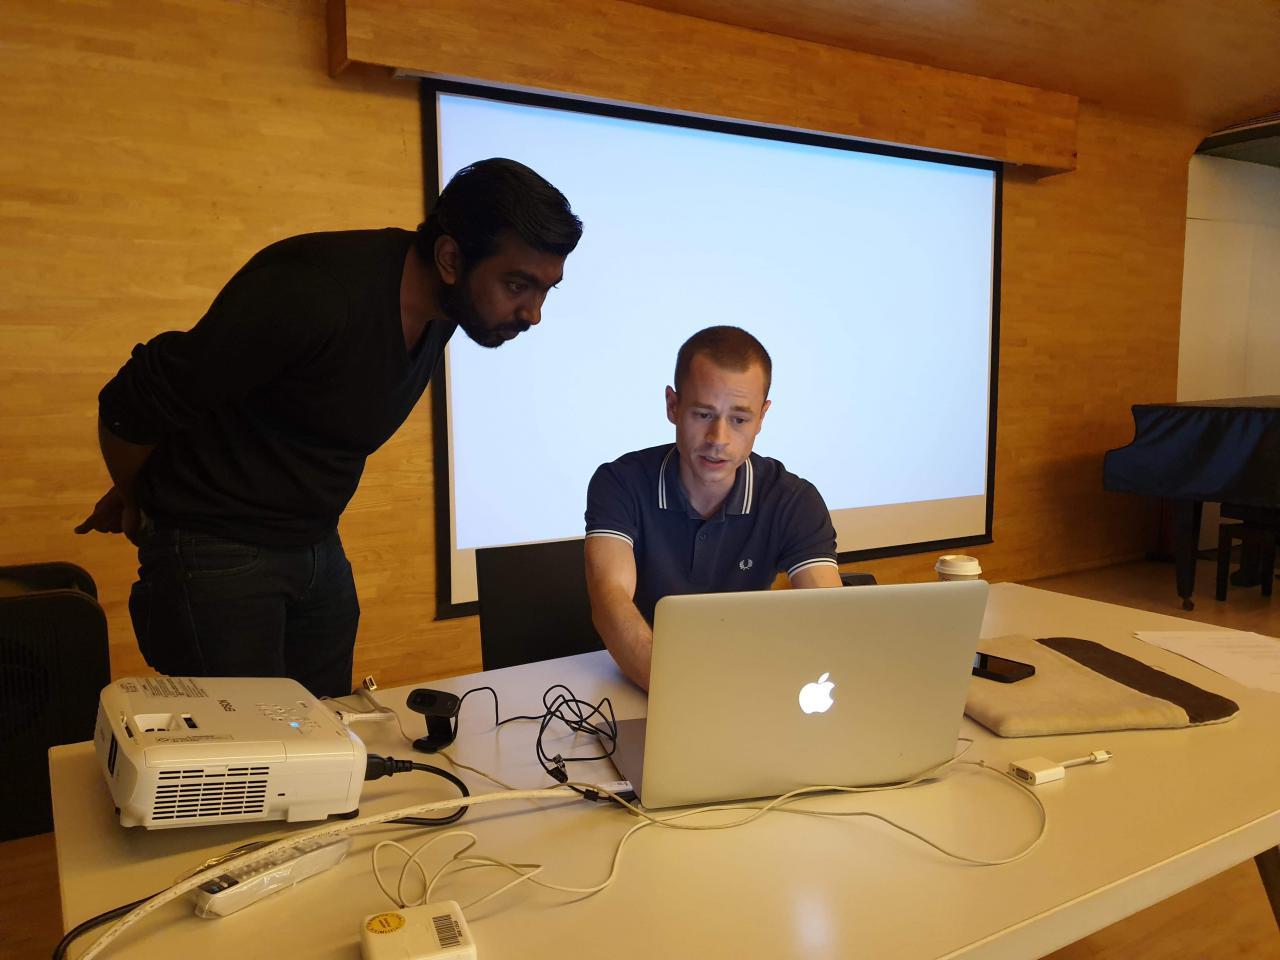 Zu sehen sind zwei Männer vor einem Laptop im Rahmen eines Workshops des ZKM im Goethe-Institut in Mumbai.